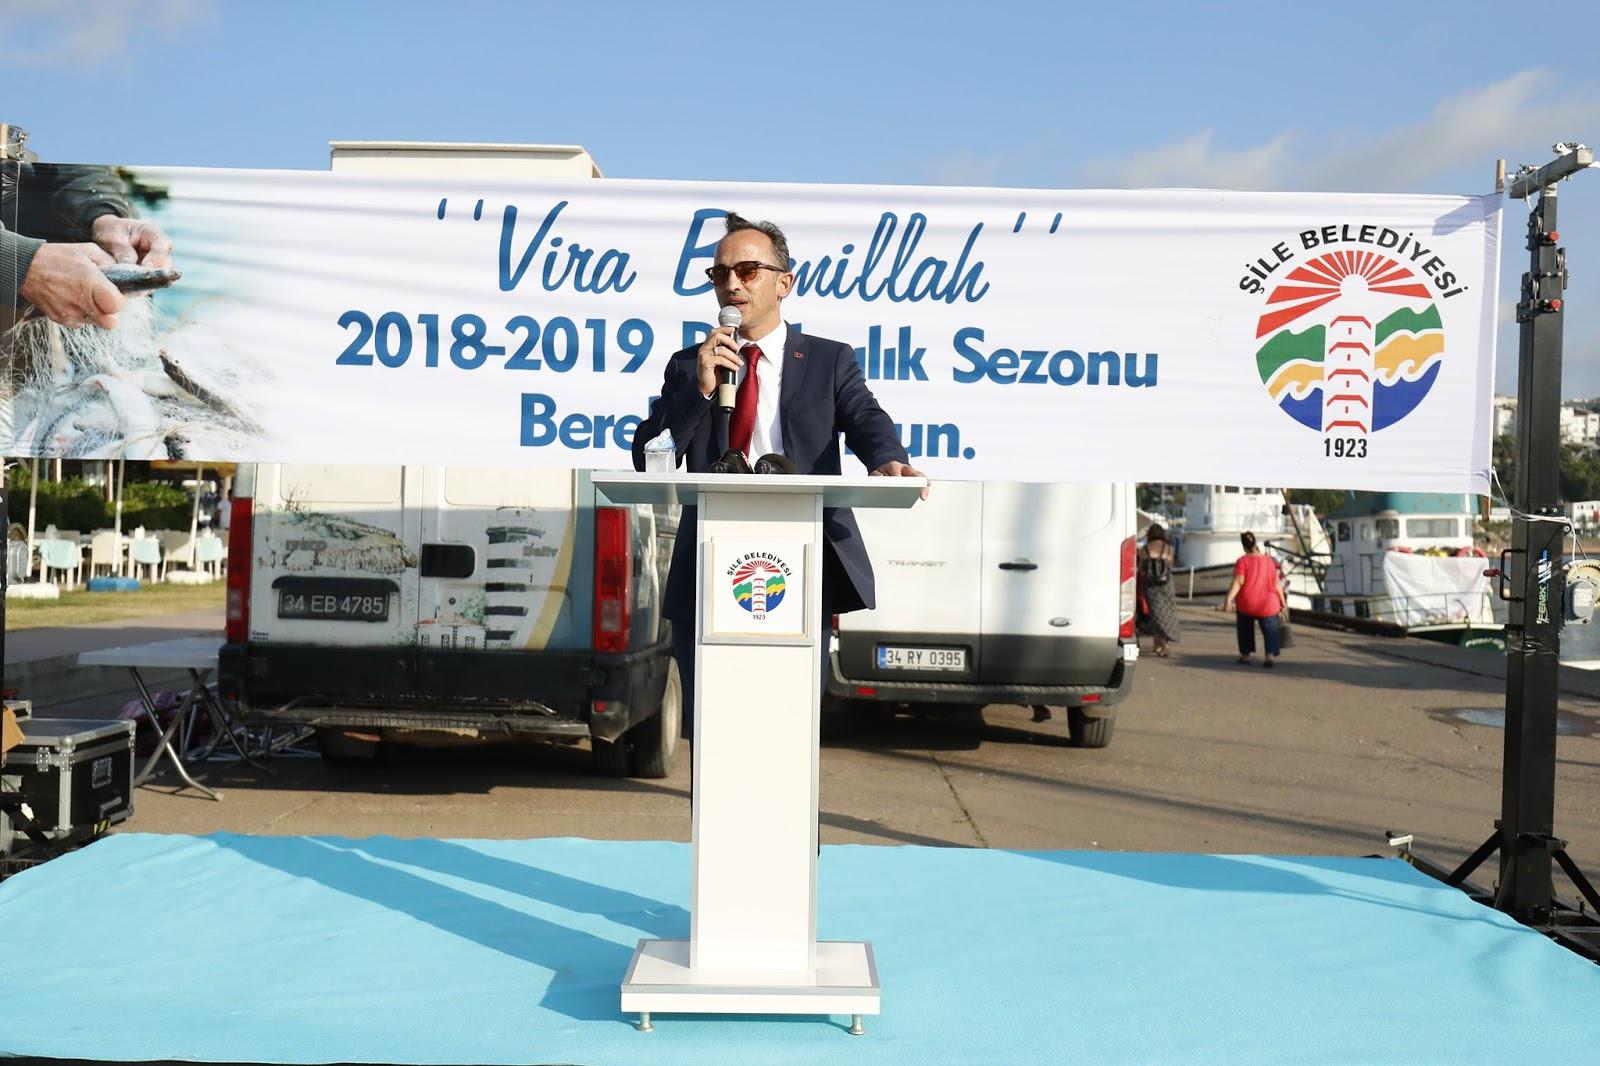 """Şile, 2018-2019 Av Sezonu İçin """"Vira Bismillah"""" Dedi"""